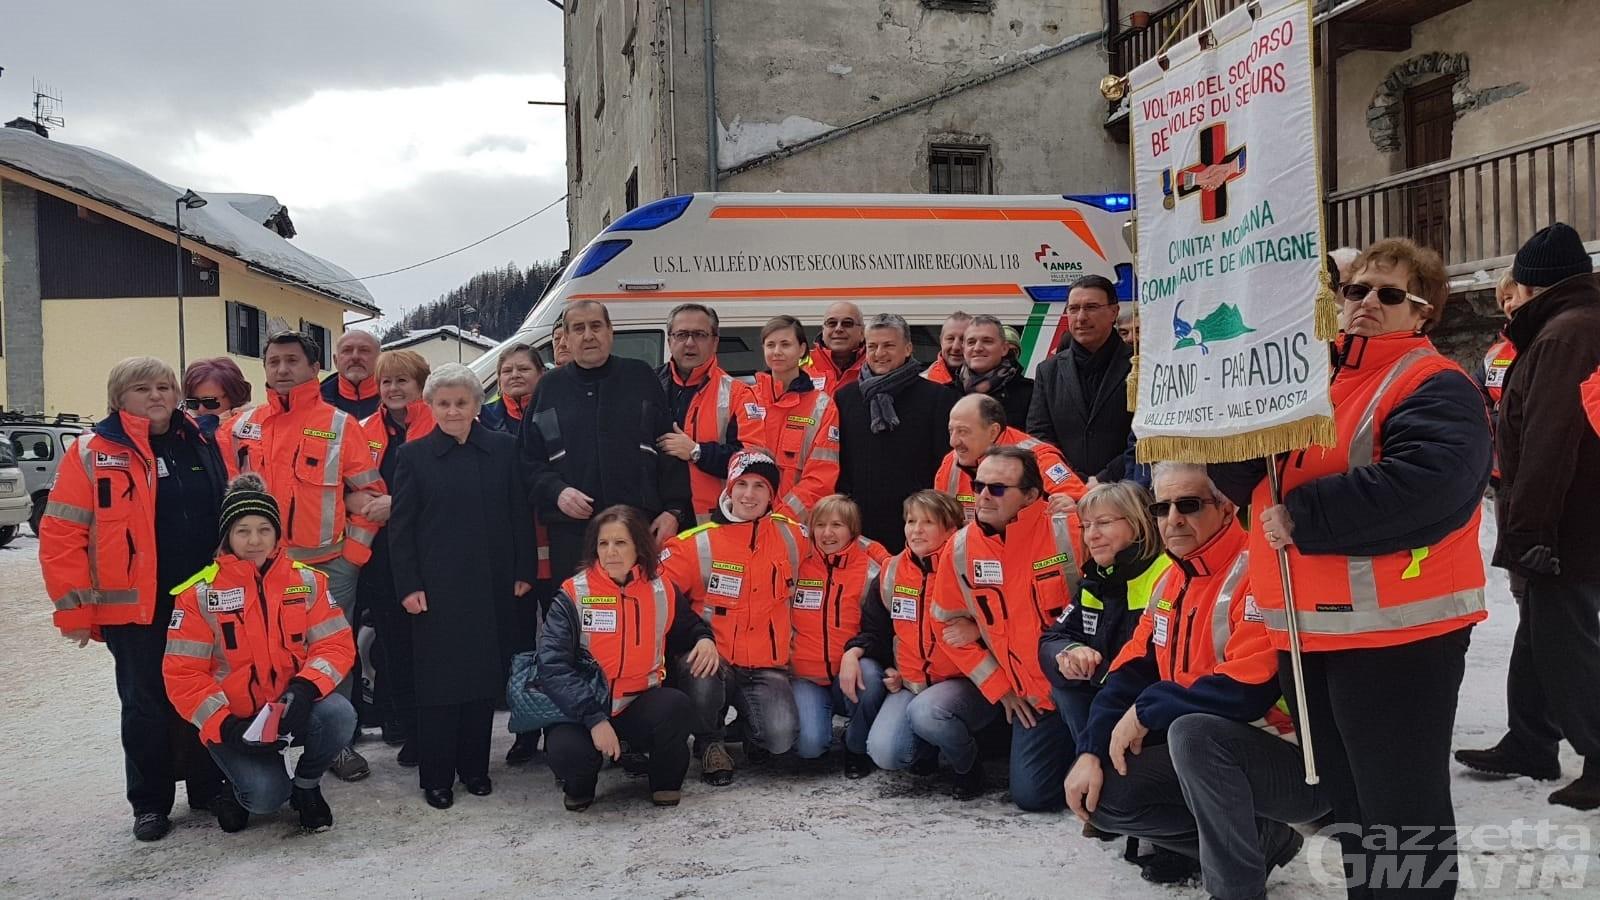 Sanità: prevenzione sanitaria estiva per i volontari del soccorso Grand Paradis